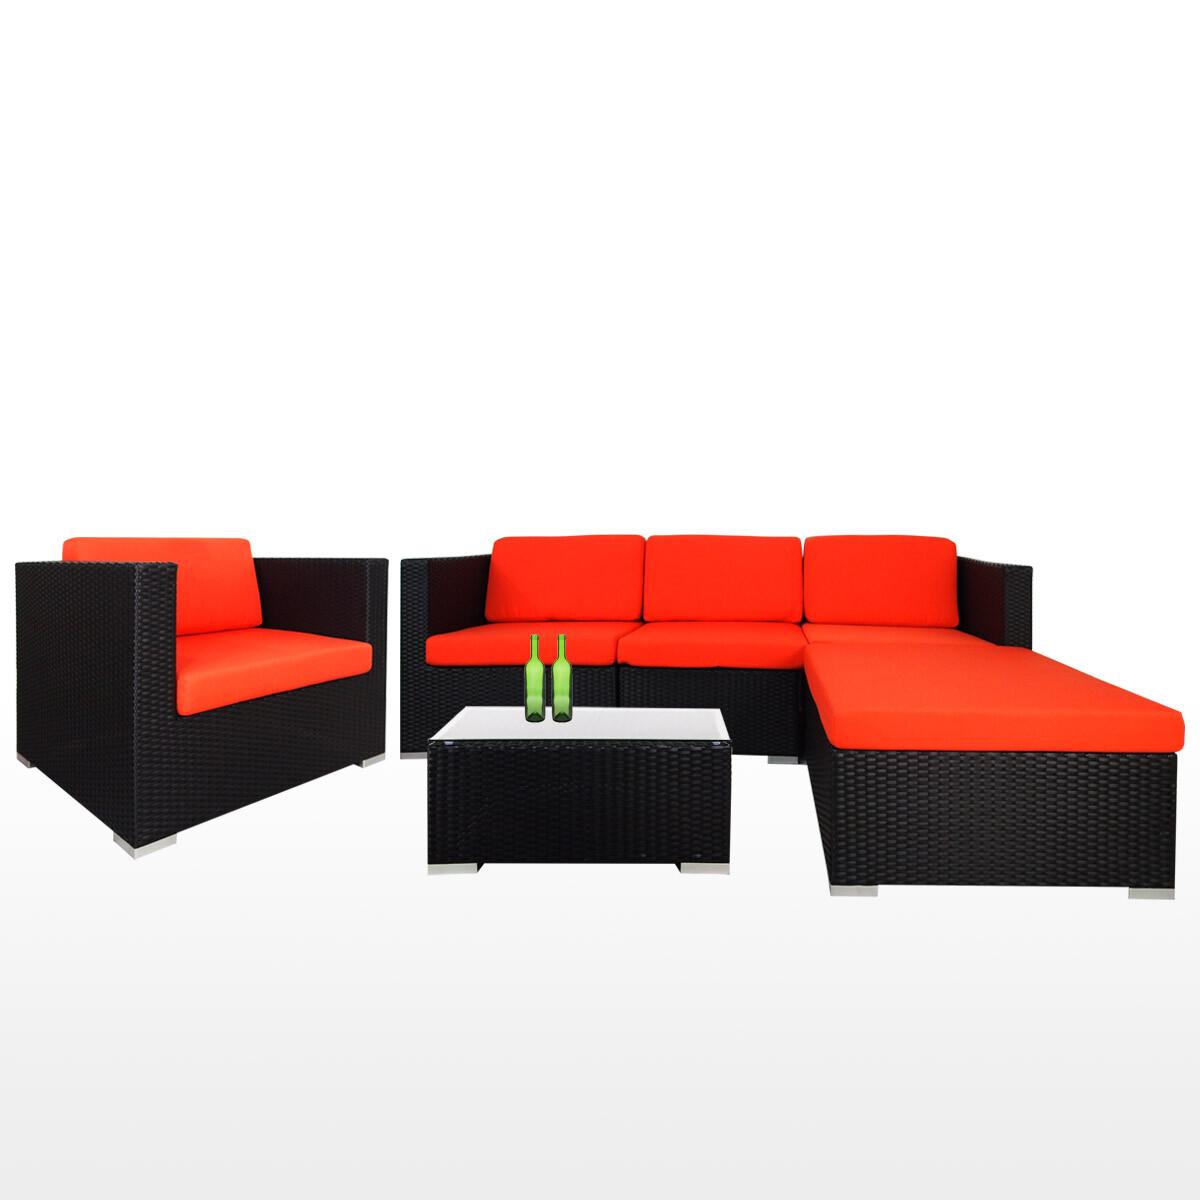 Summer Outdoor Modular Sofa Set II Orange Cushions (2 Year